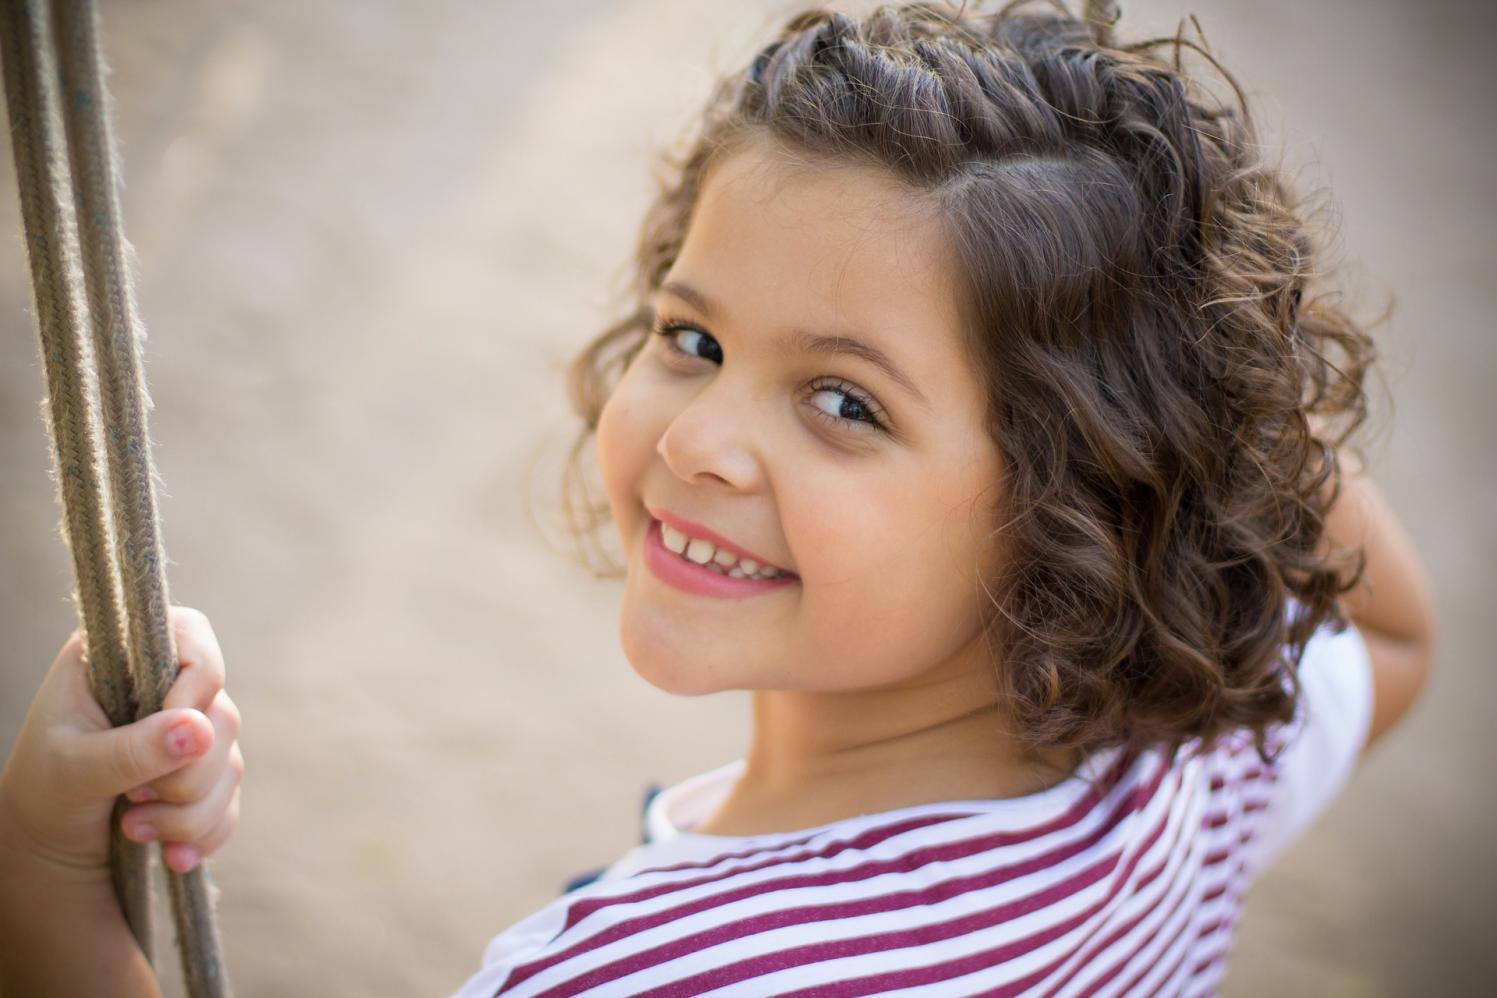 Atividades e brincadeiras gratuitas para comemorar o Dia das Crianças